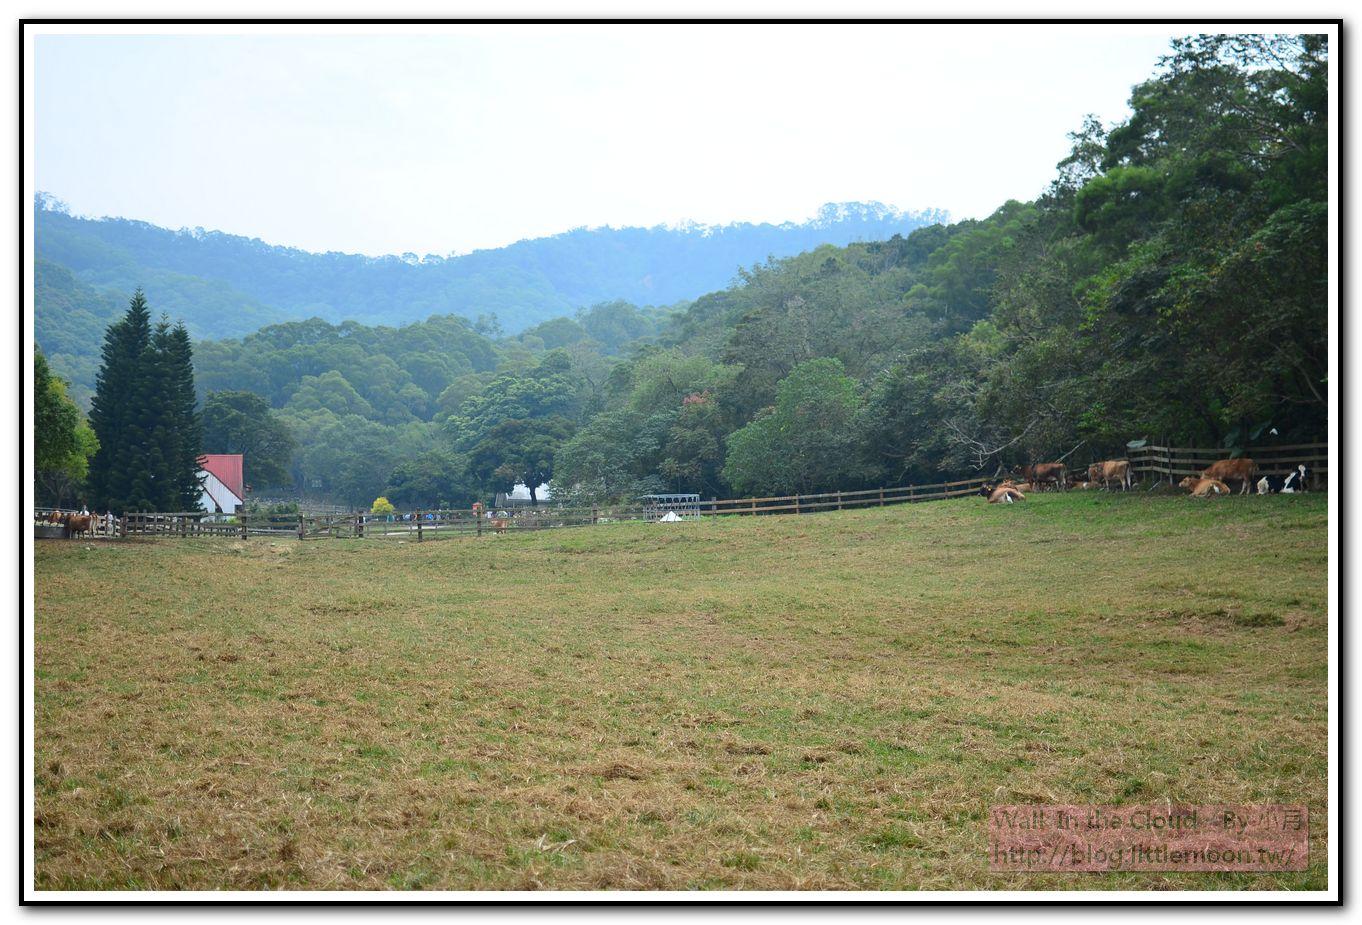 乳牛生態區之窩樹蔭的牛群